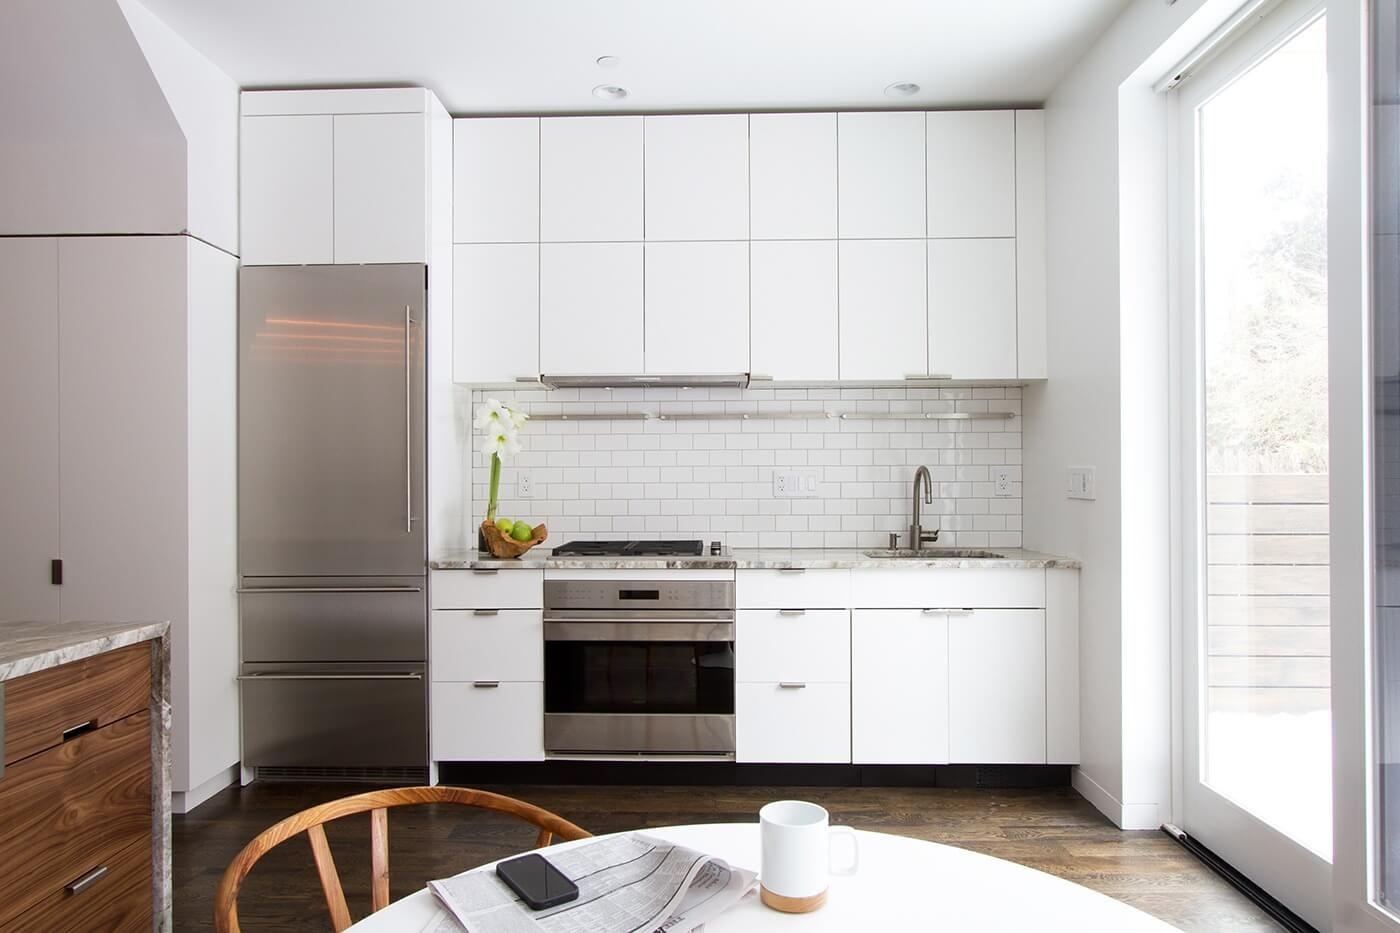 Black Toe Kick Kitchen Tiles Design White Modern Kitchen Backsplash For White Cabinets